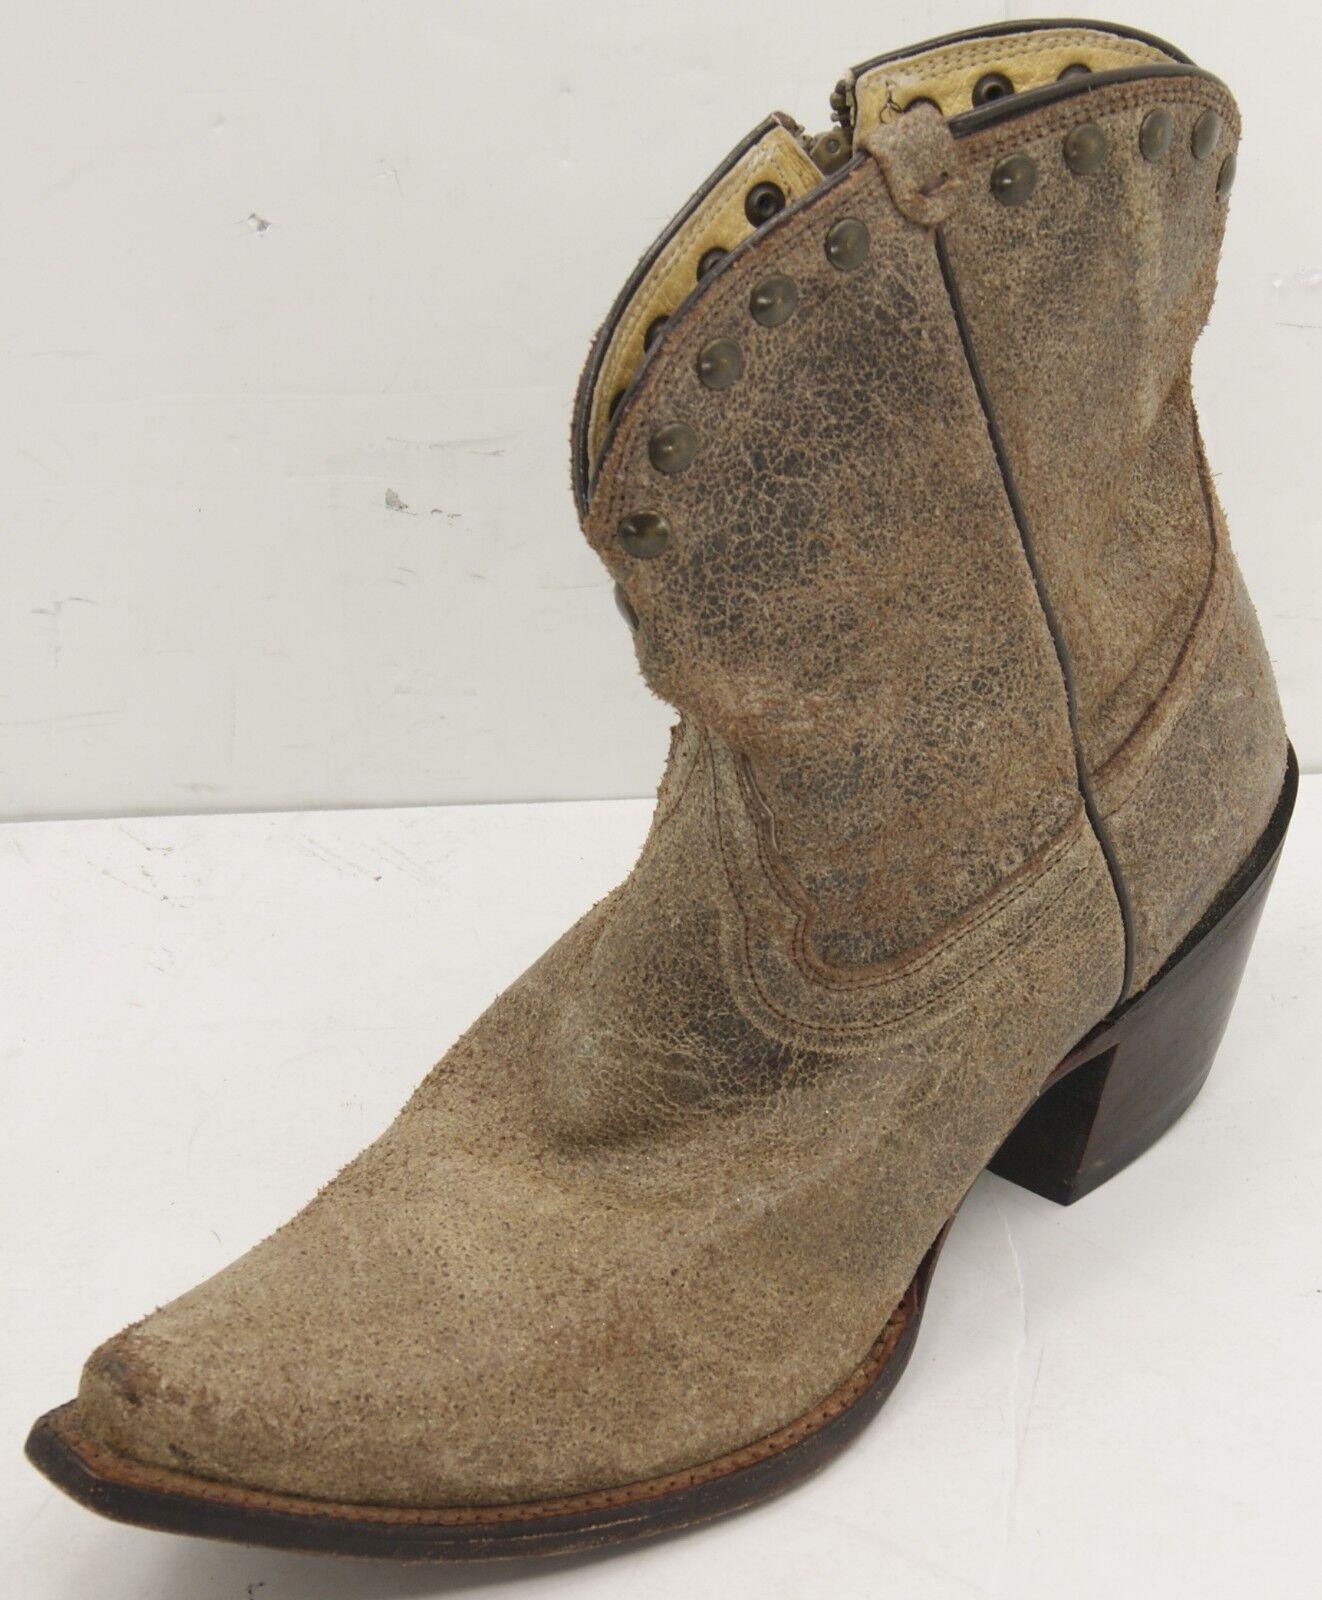 Tony Lama Latón Mardi Gras VF303 con aspecto envejecido de cuero botas de vaquero para mujer 7.5 B